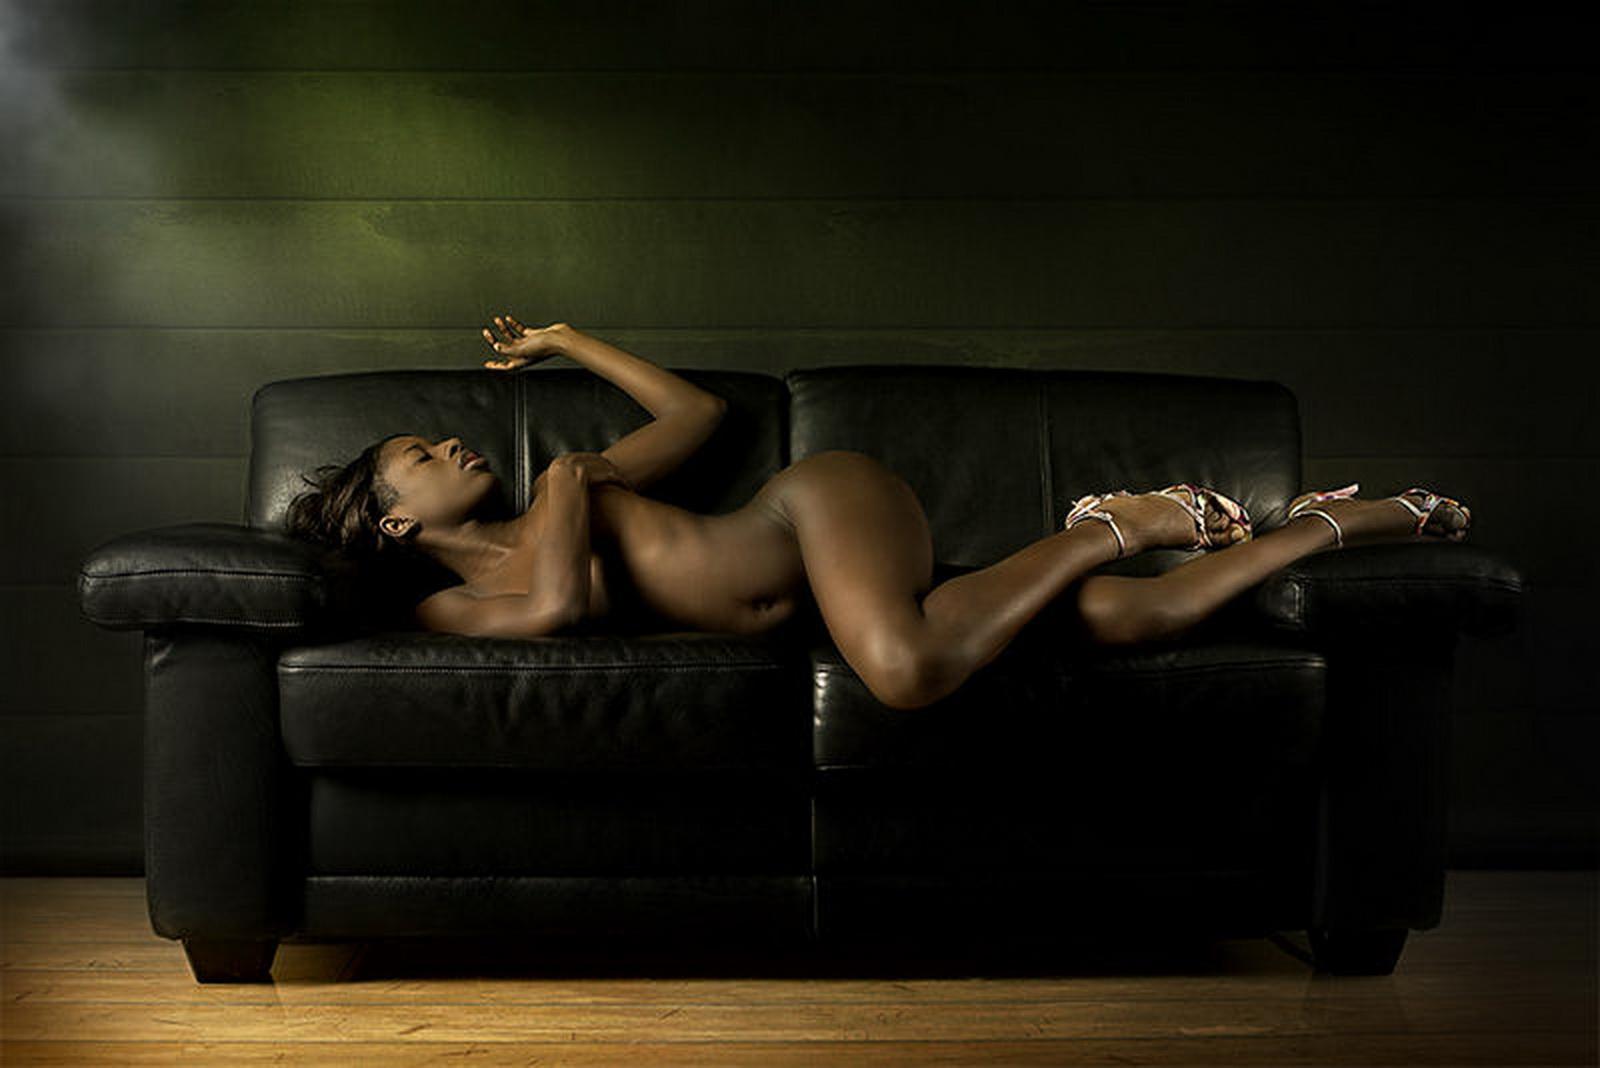 Прекрасные женские тела фото 14 фотография